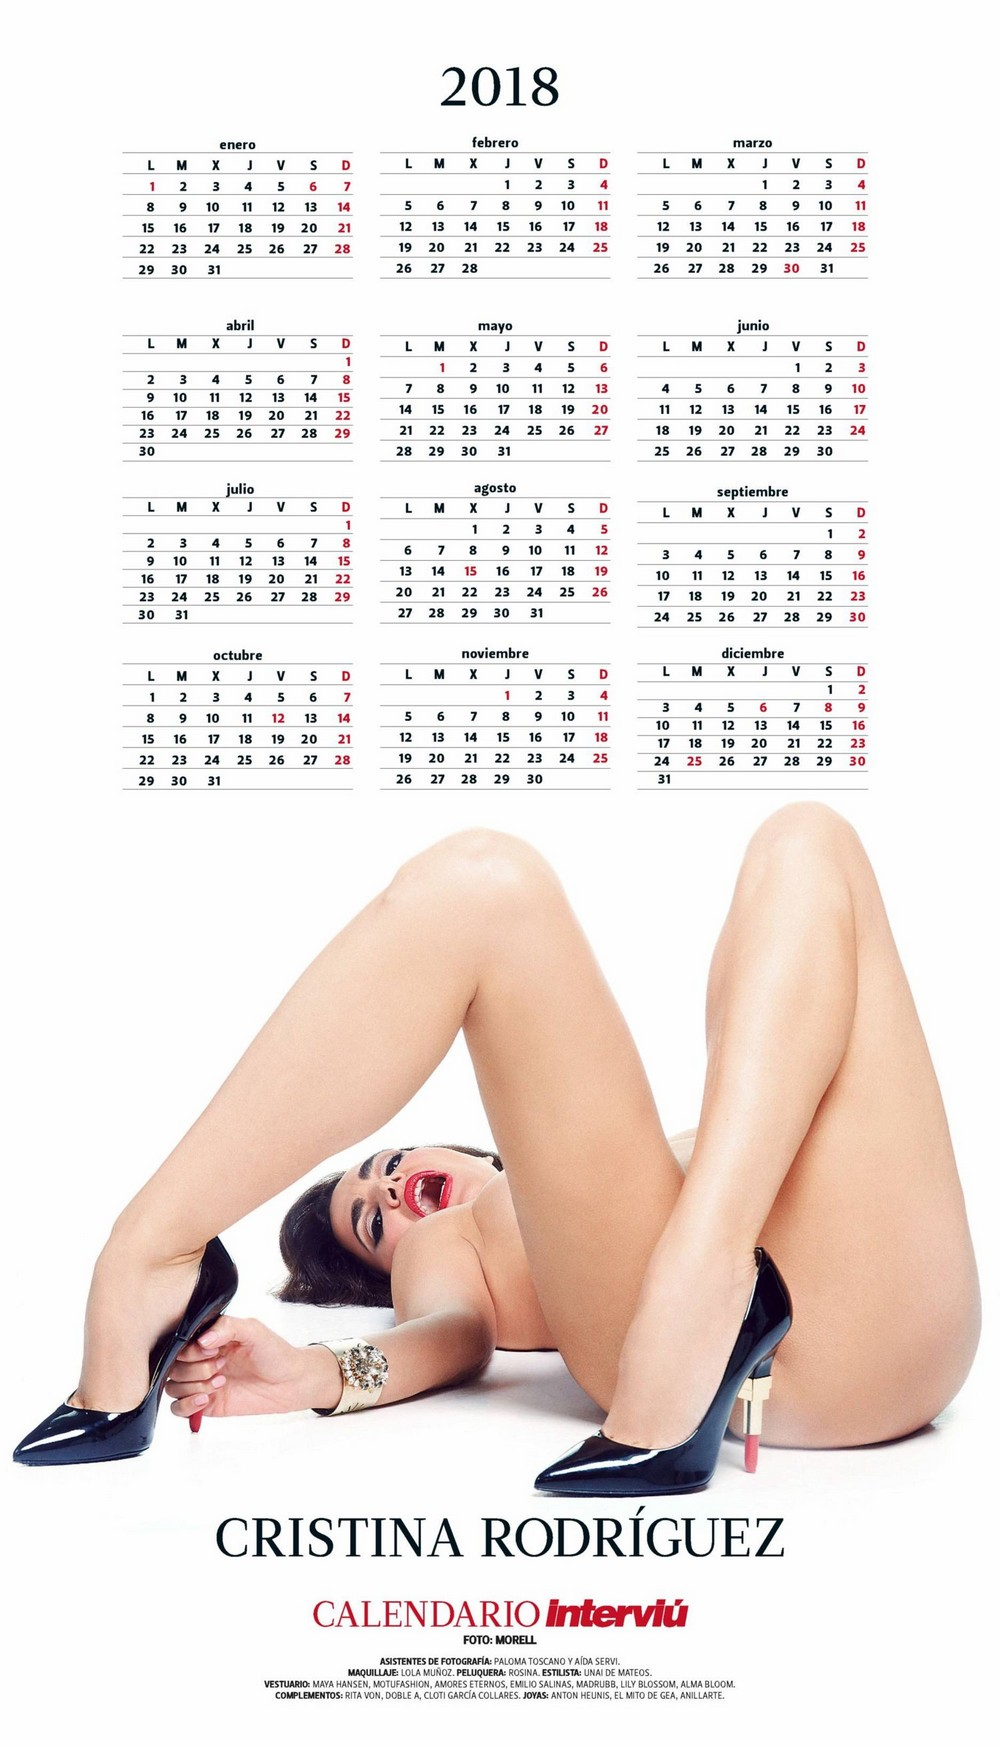 Kalender 2018 porn chloerose_model Female